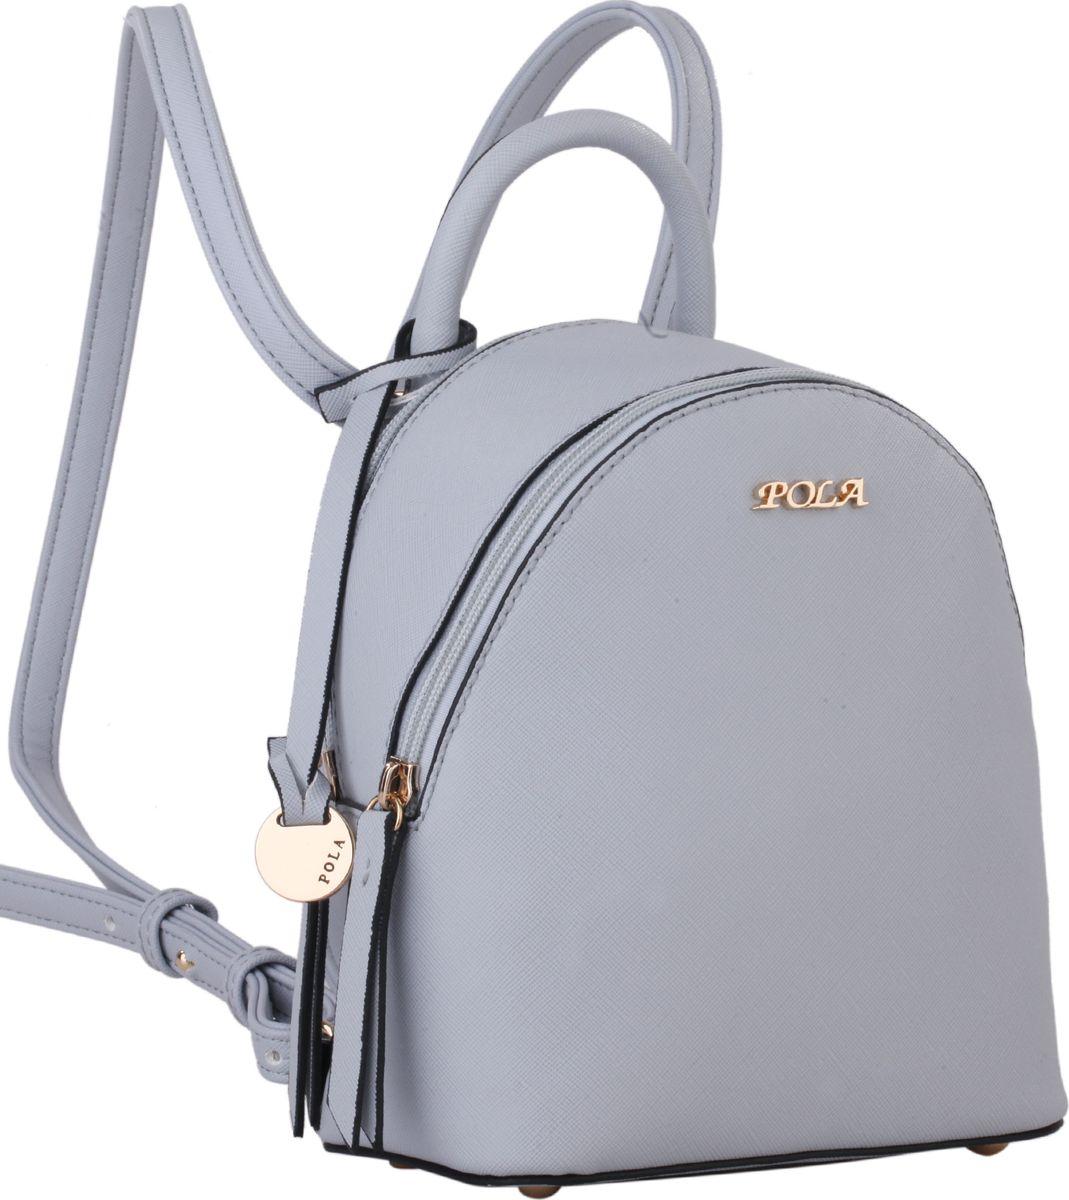 Рюкзак женский Pola, цвет: светло-серый. 6444964449Небольшой женский рюкзак Pola выполнен из экокожи. Имеет две молнии для доступа во внутреннее отделение, внутри которого один открытый карман и карман на молнии. Сверху ручка для переноски. Лямки сконструированы таким образом, что его можно носить как сумку на плечо, если протянуть ремешок вверх через кольца. Ремень можно регулировать по длине, максимальная высота 50 см. На дне металлические ножки. Цвет фурнитуры- золото.